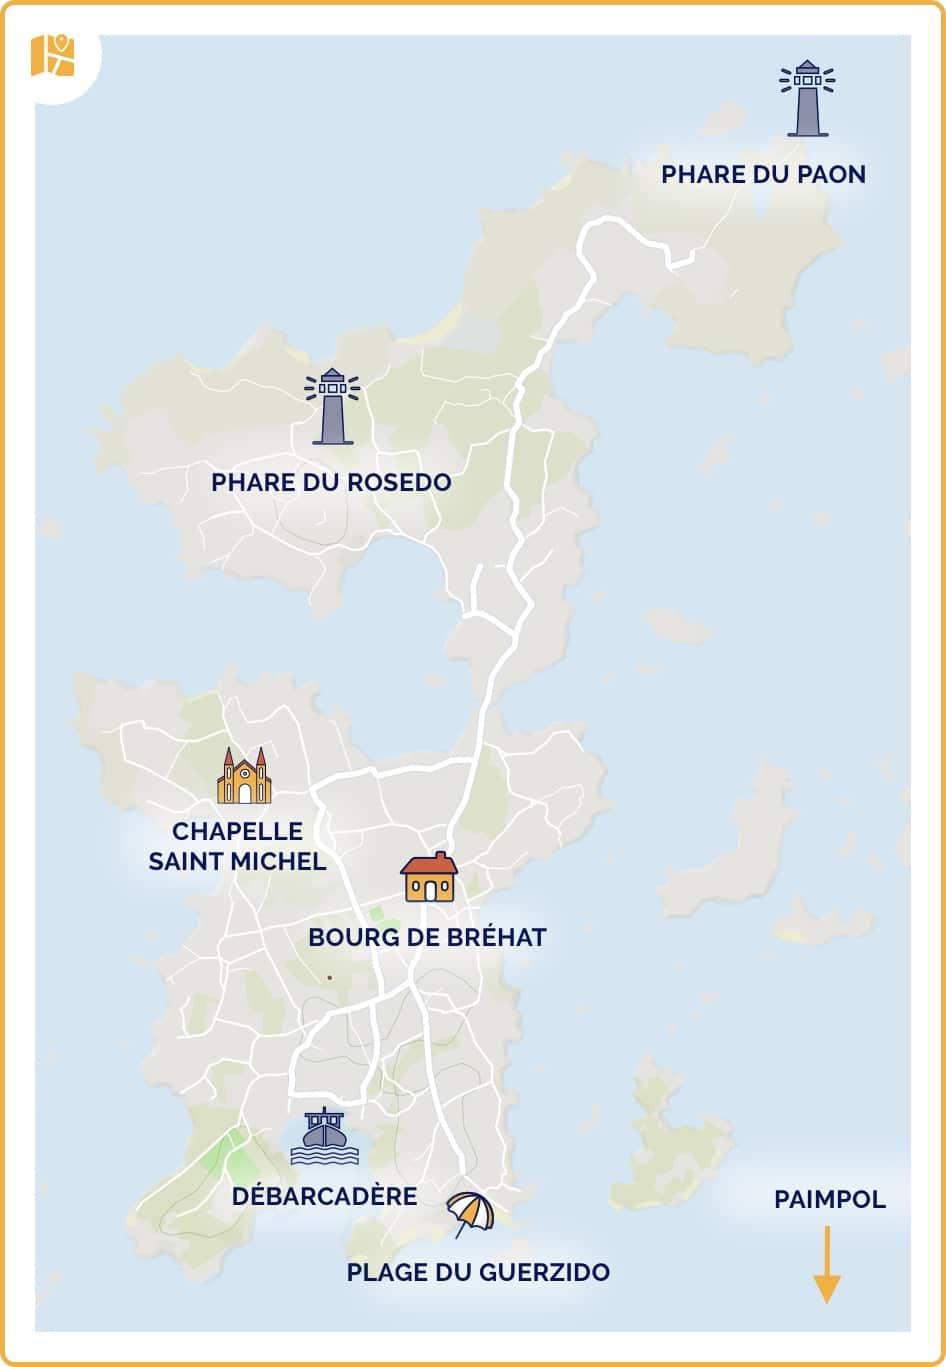 Carte de l'île de Bréhat en Bretagne